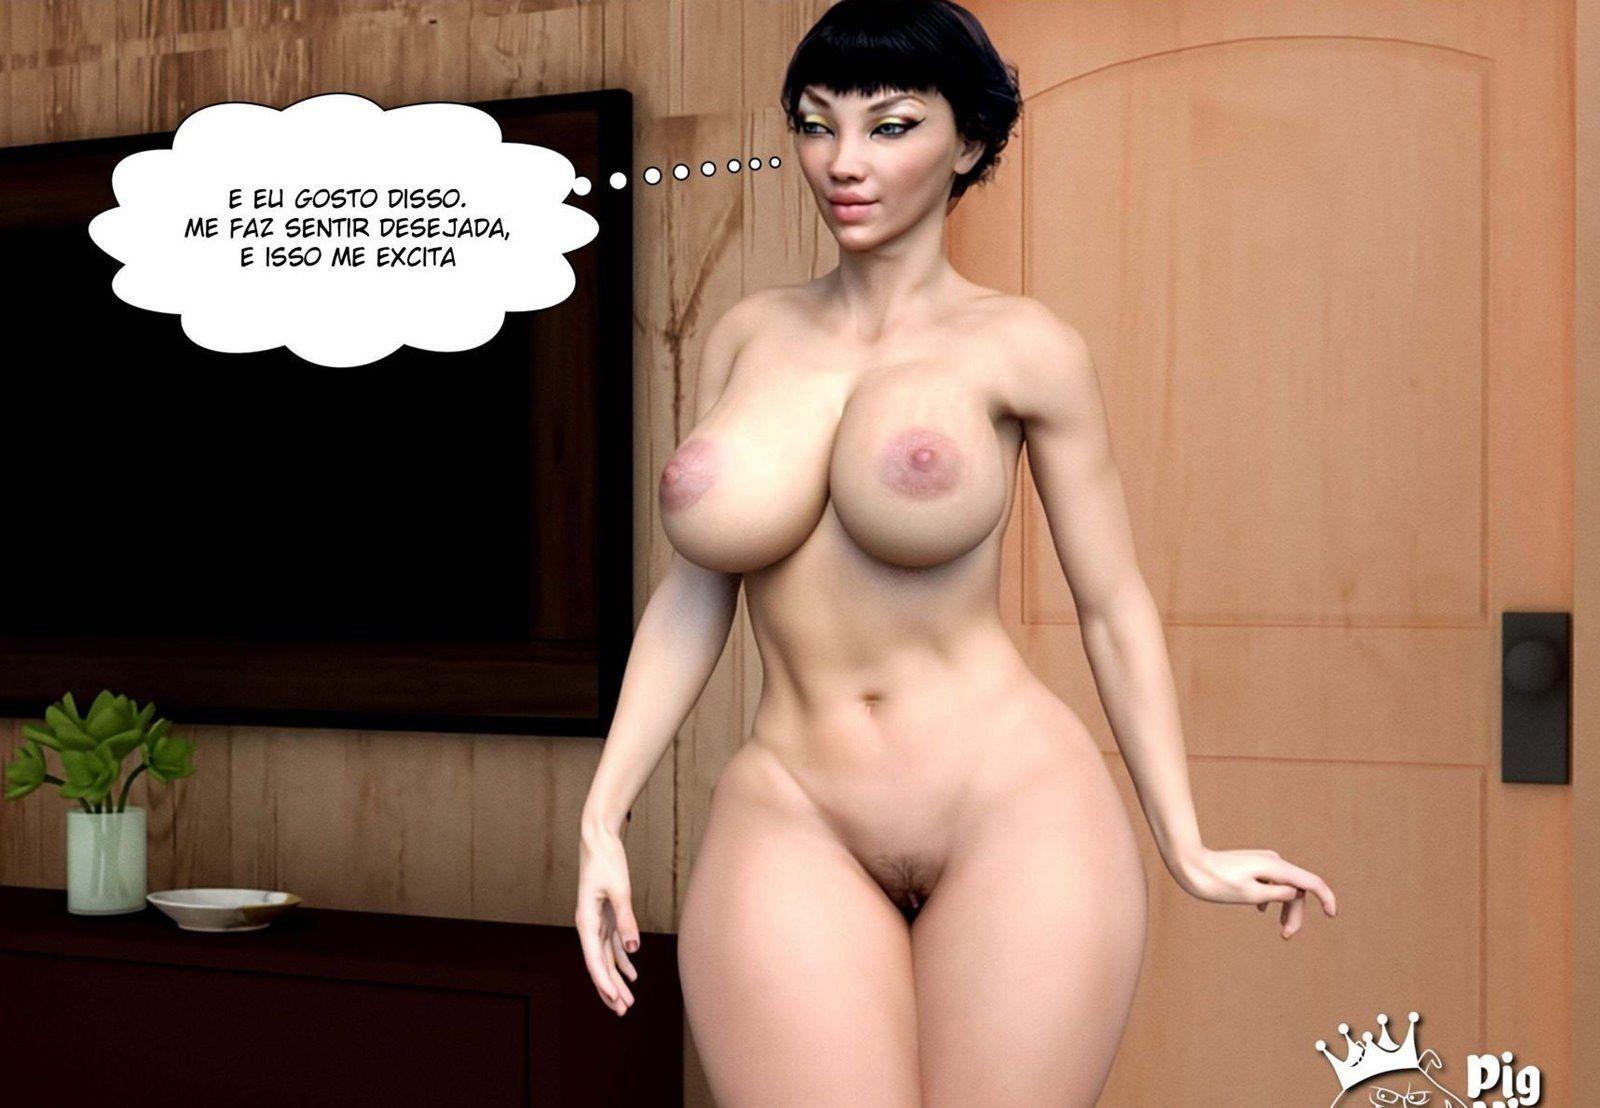 quadrinhos eróticos sem saída 8